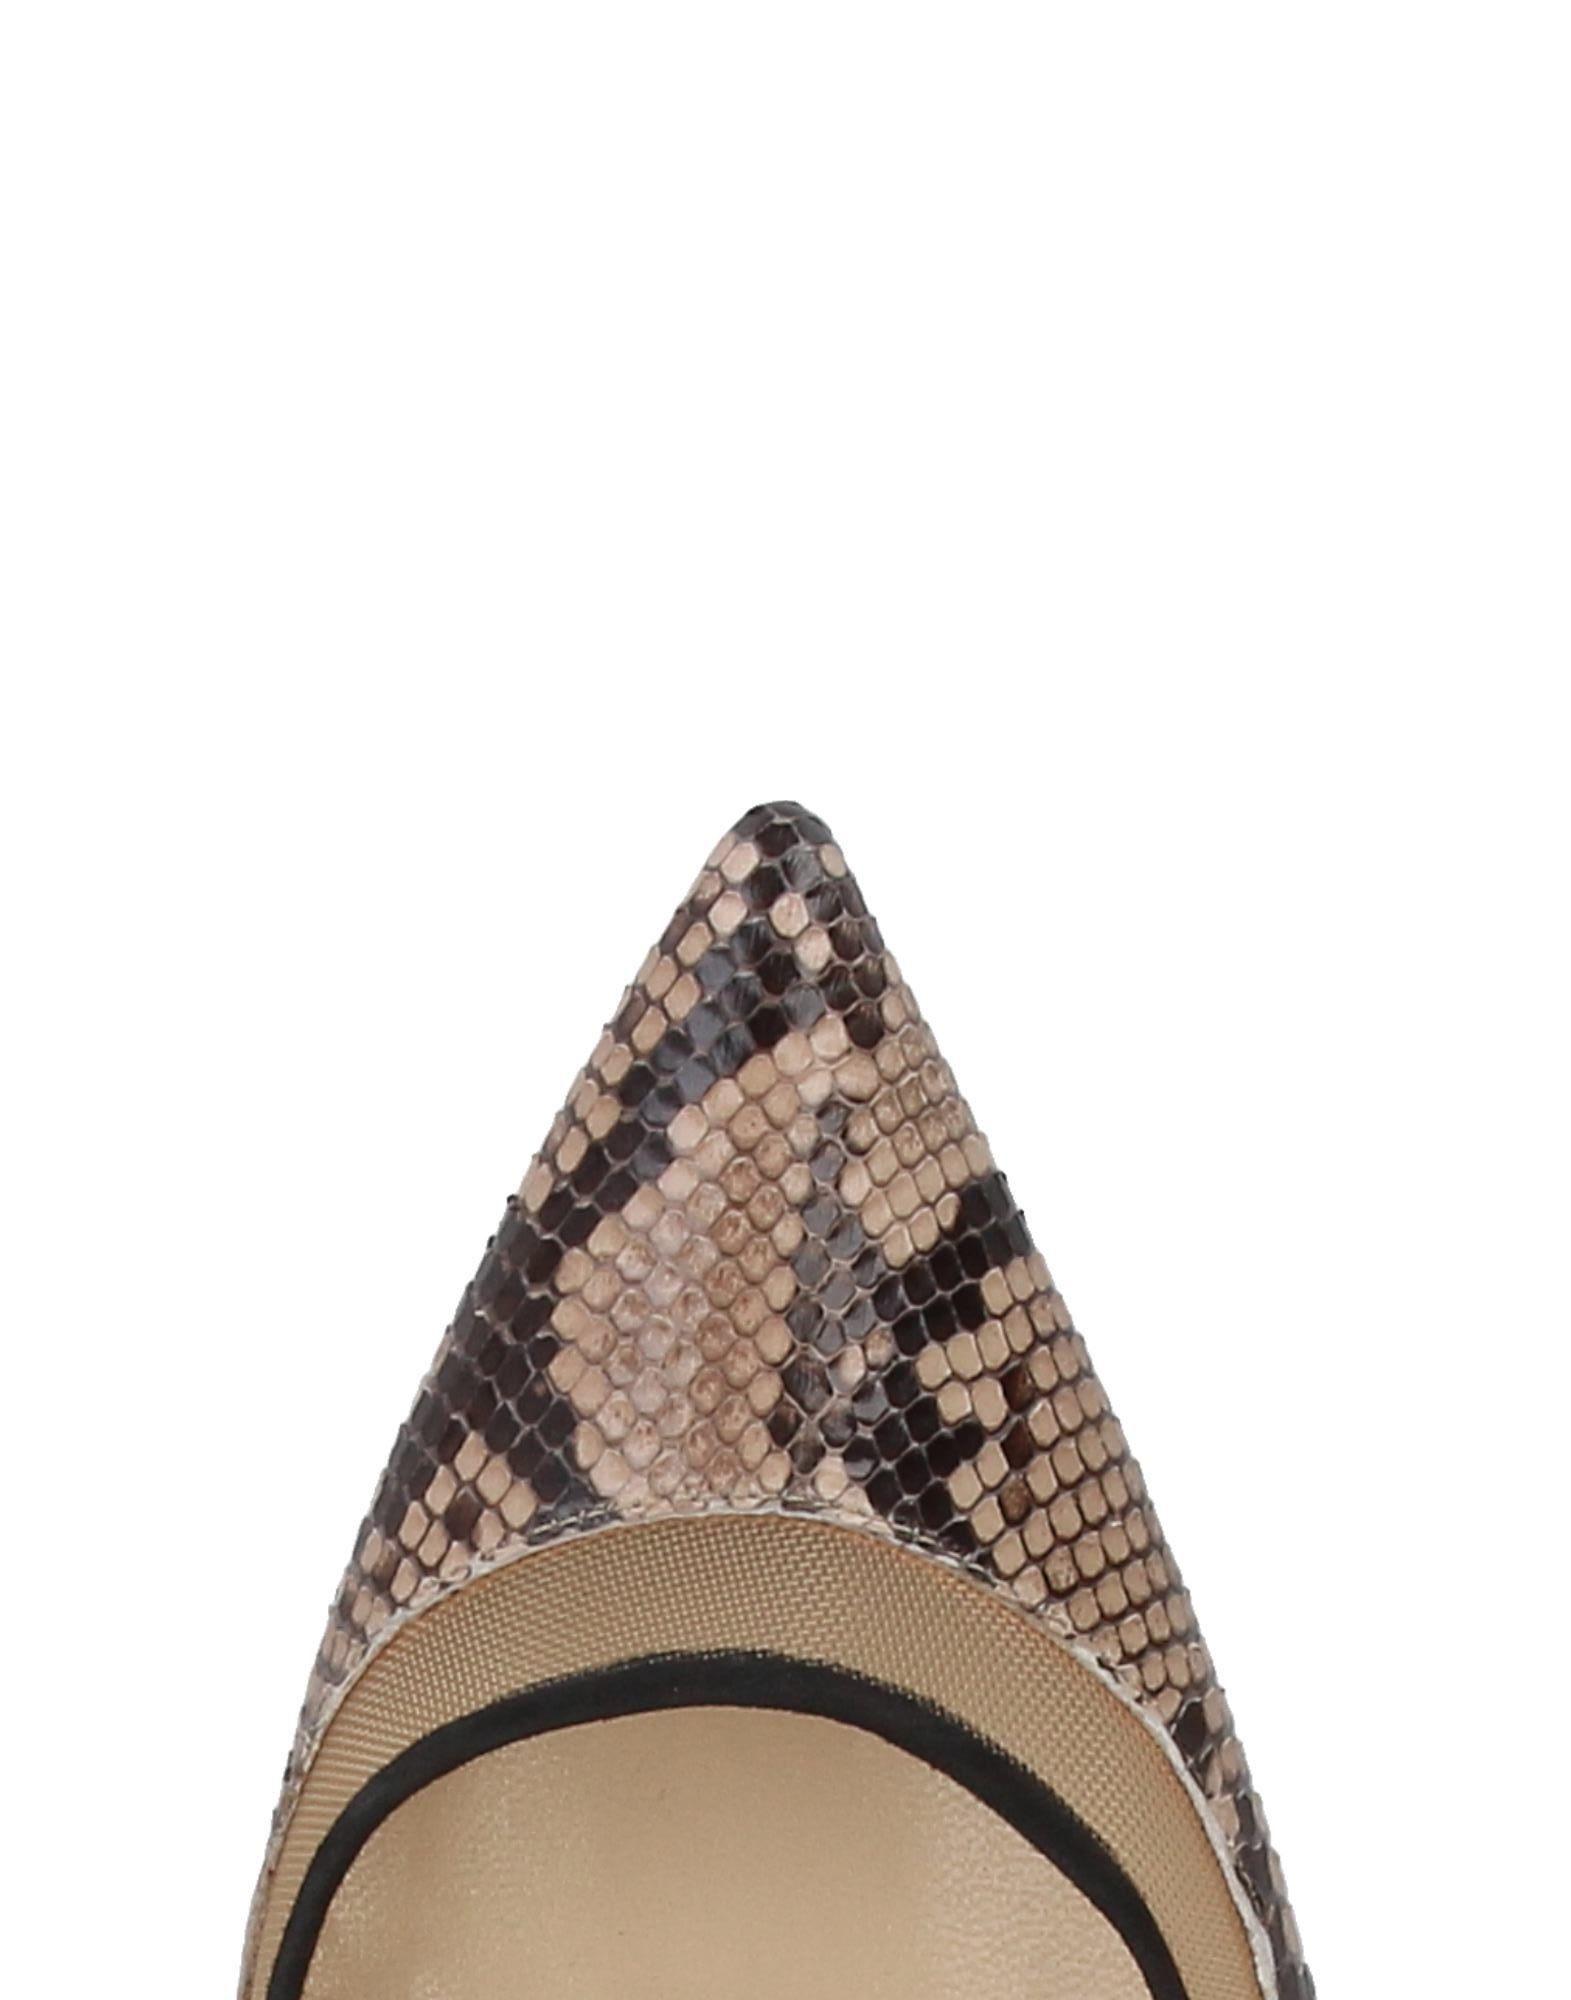 Stilvolle billige Pumps Schuhe L' Autre Chose Pumps billige Damen  11381910KW 88af7b